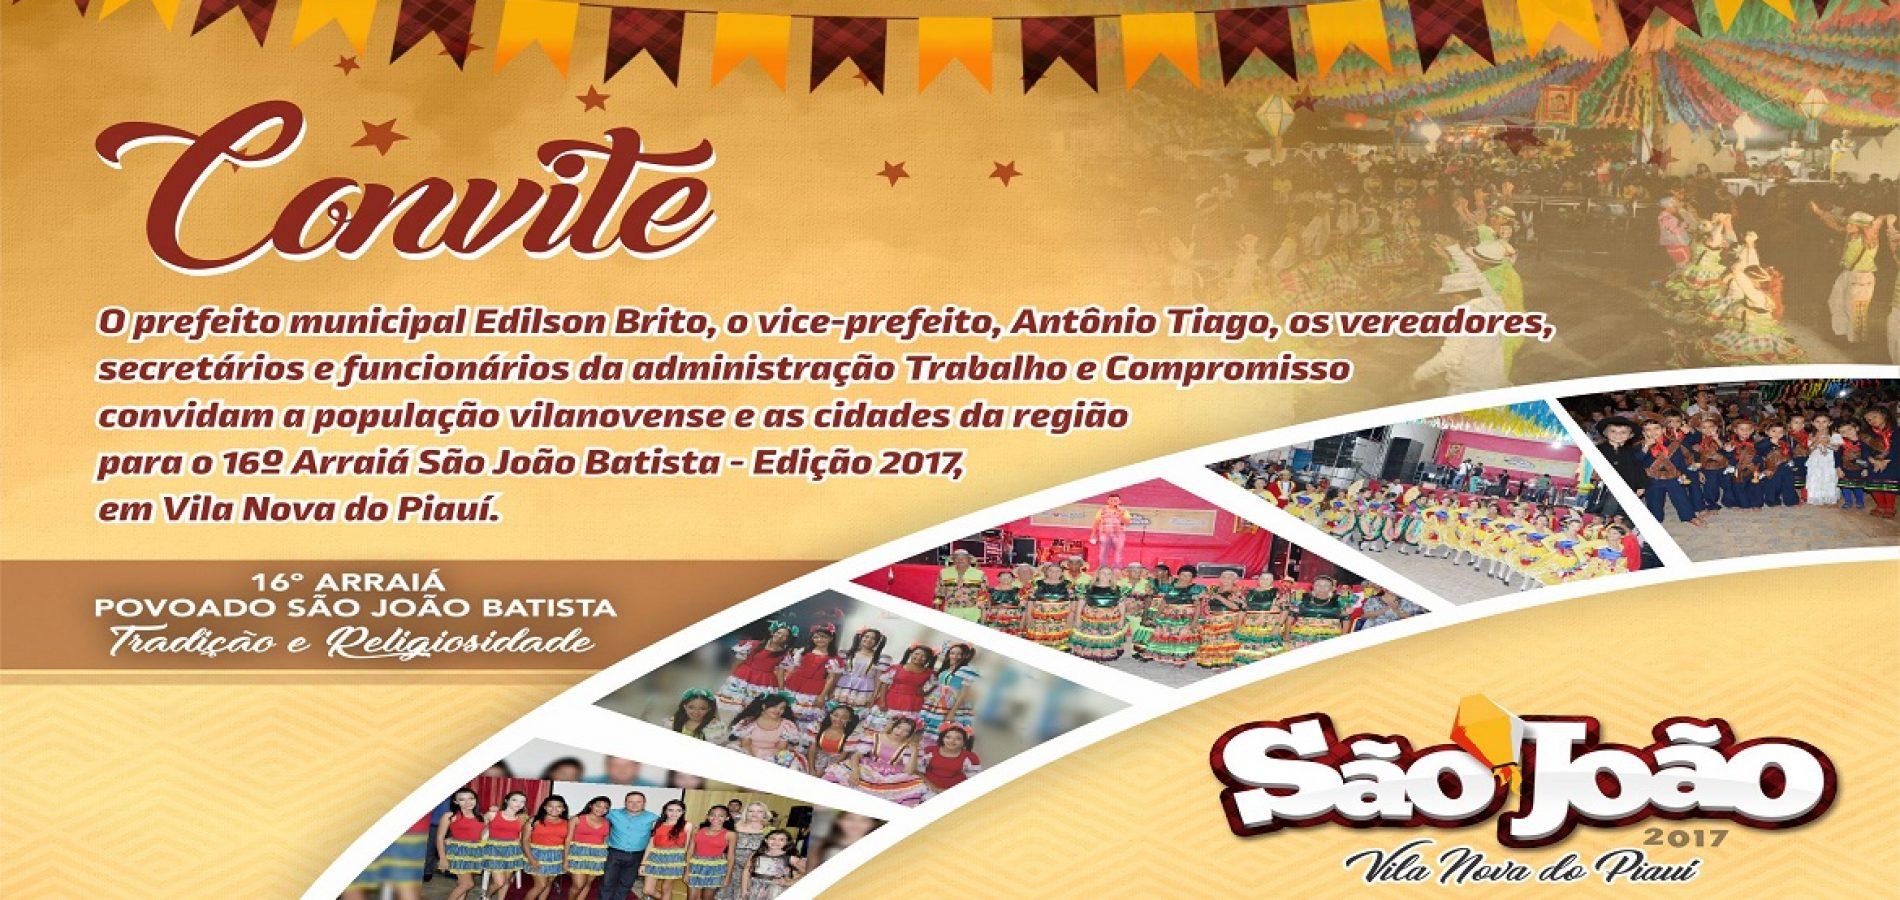 Prefeito anuncia mais uma atração para o 16º Arraiá São João Batista em Vila Nova do Piauí; veja programação completa